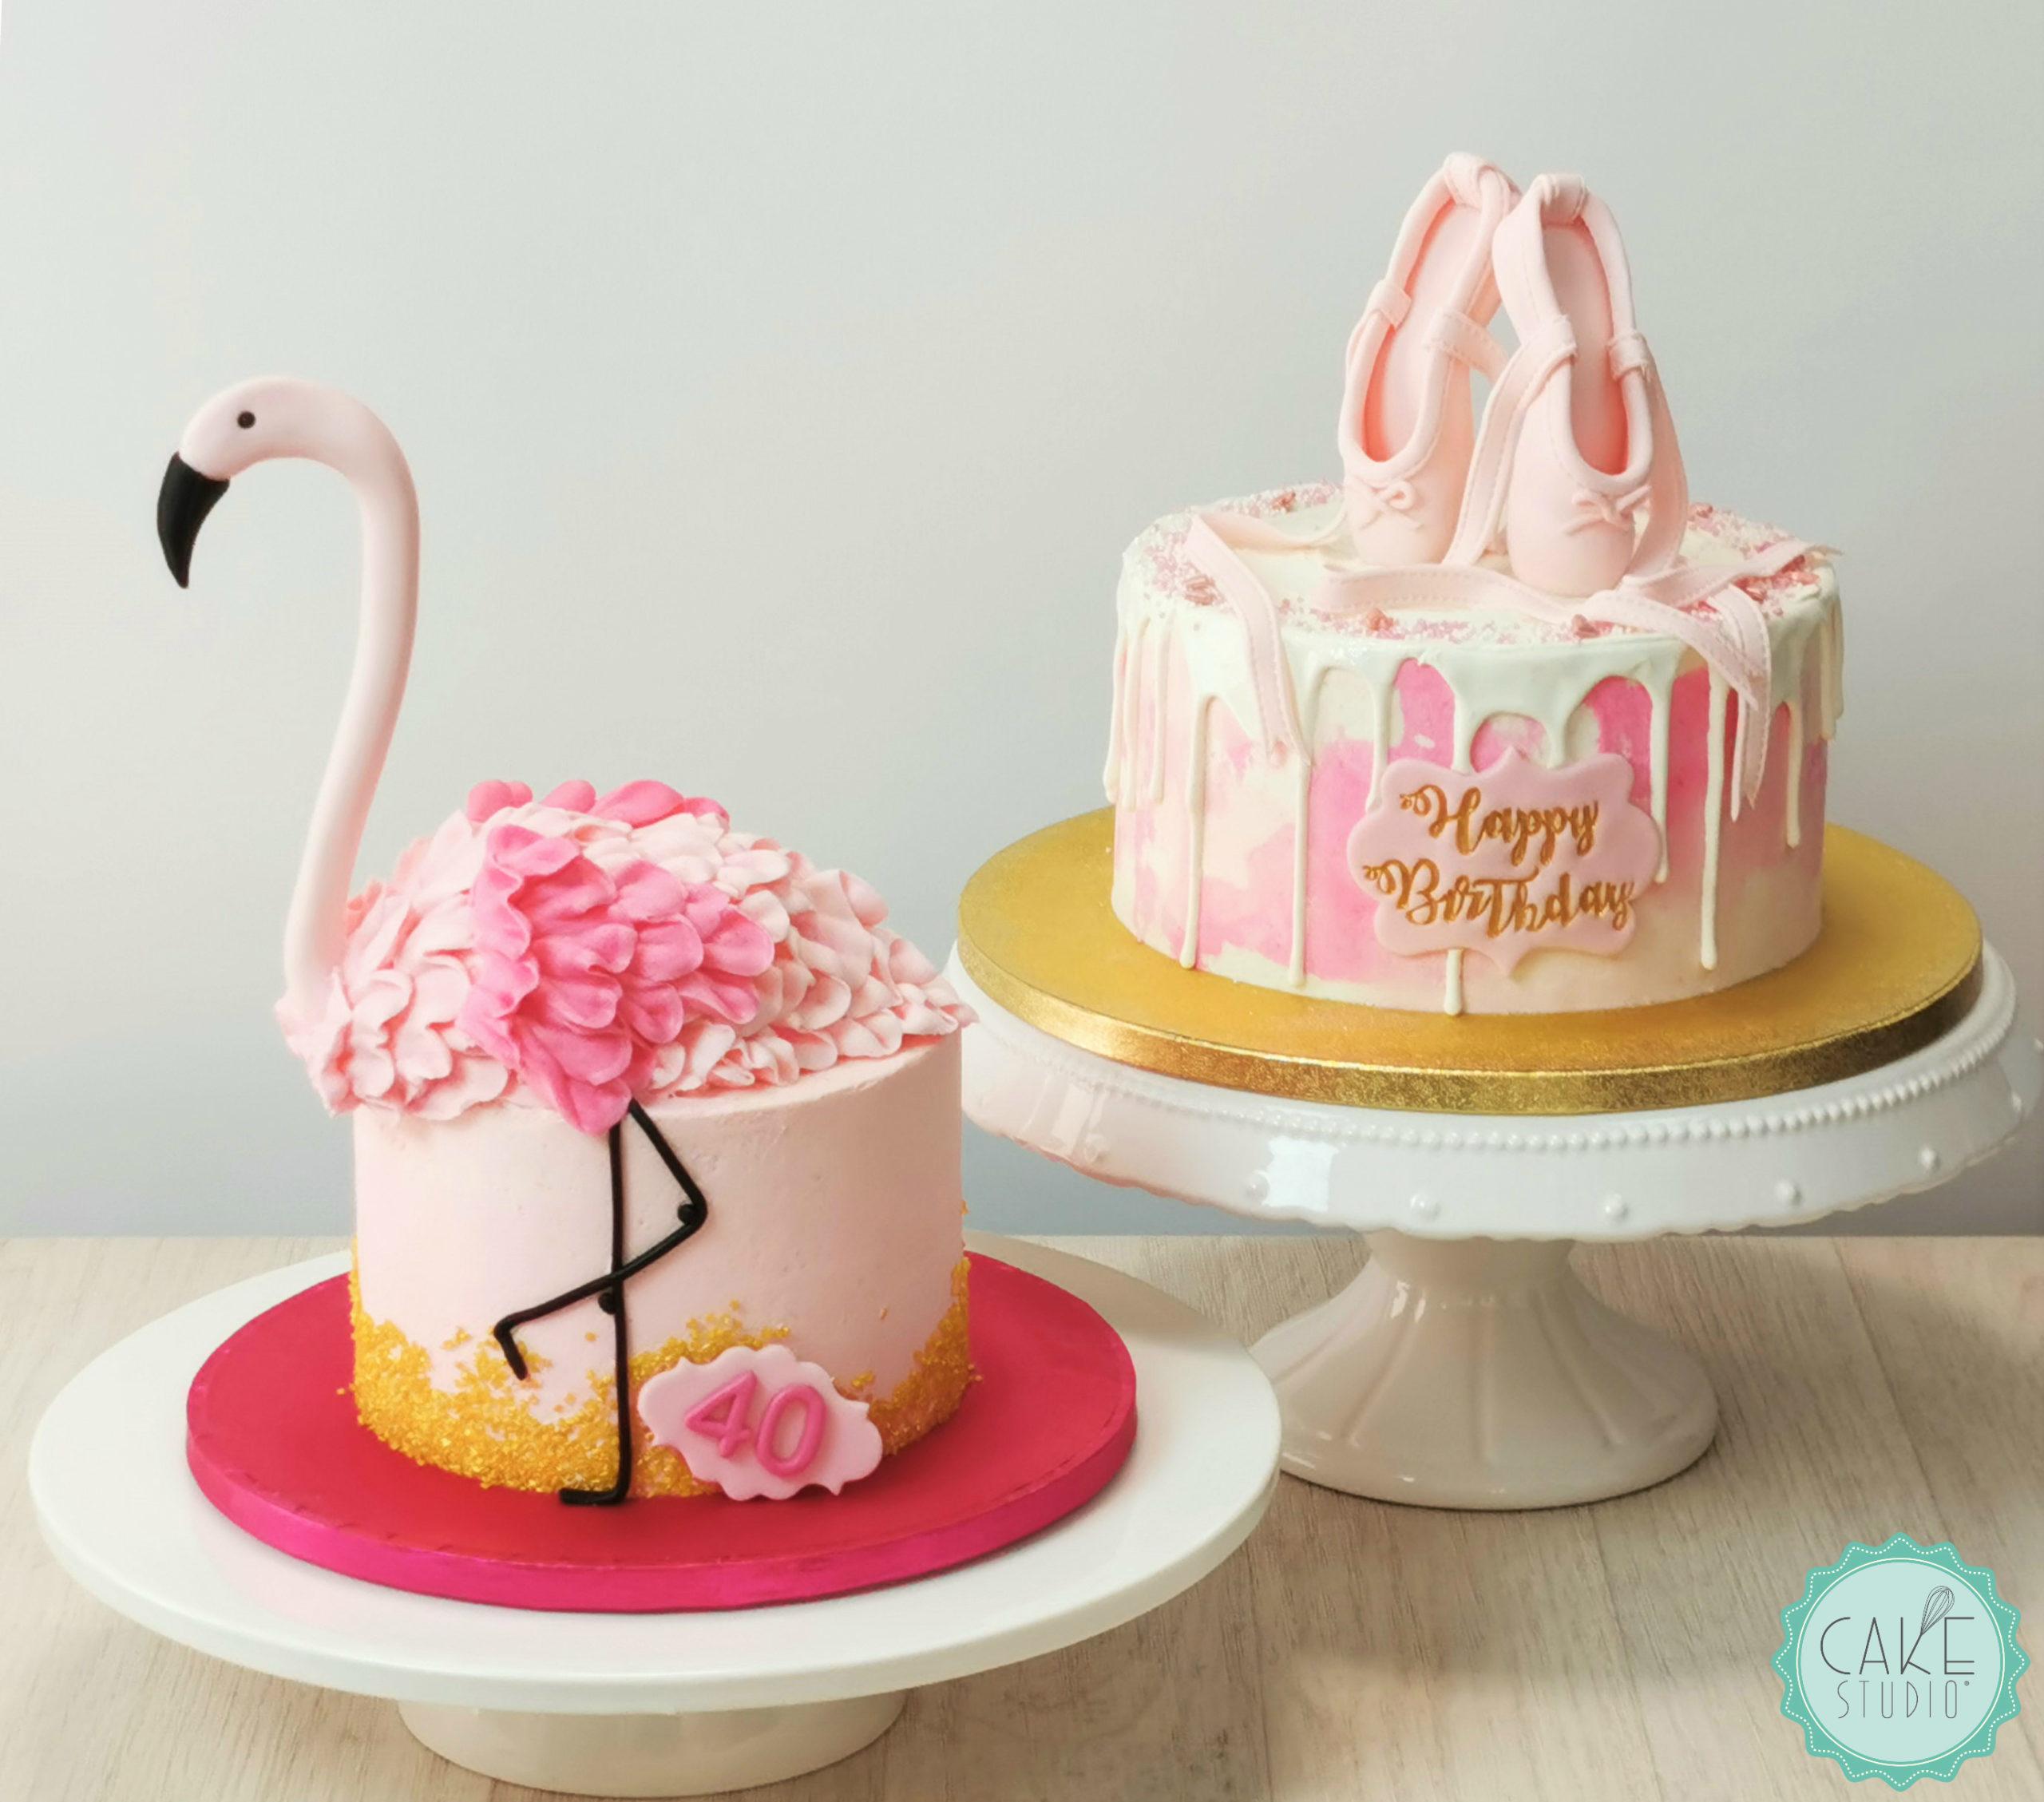 drip cake con scarpette ballerina e torta con fenicottero rosa